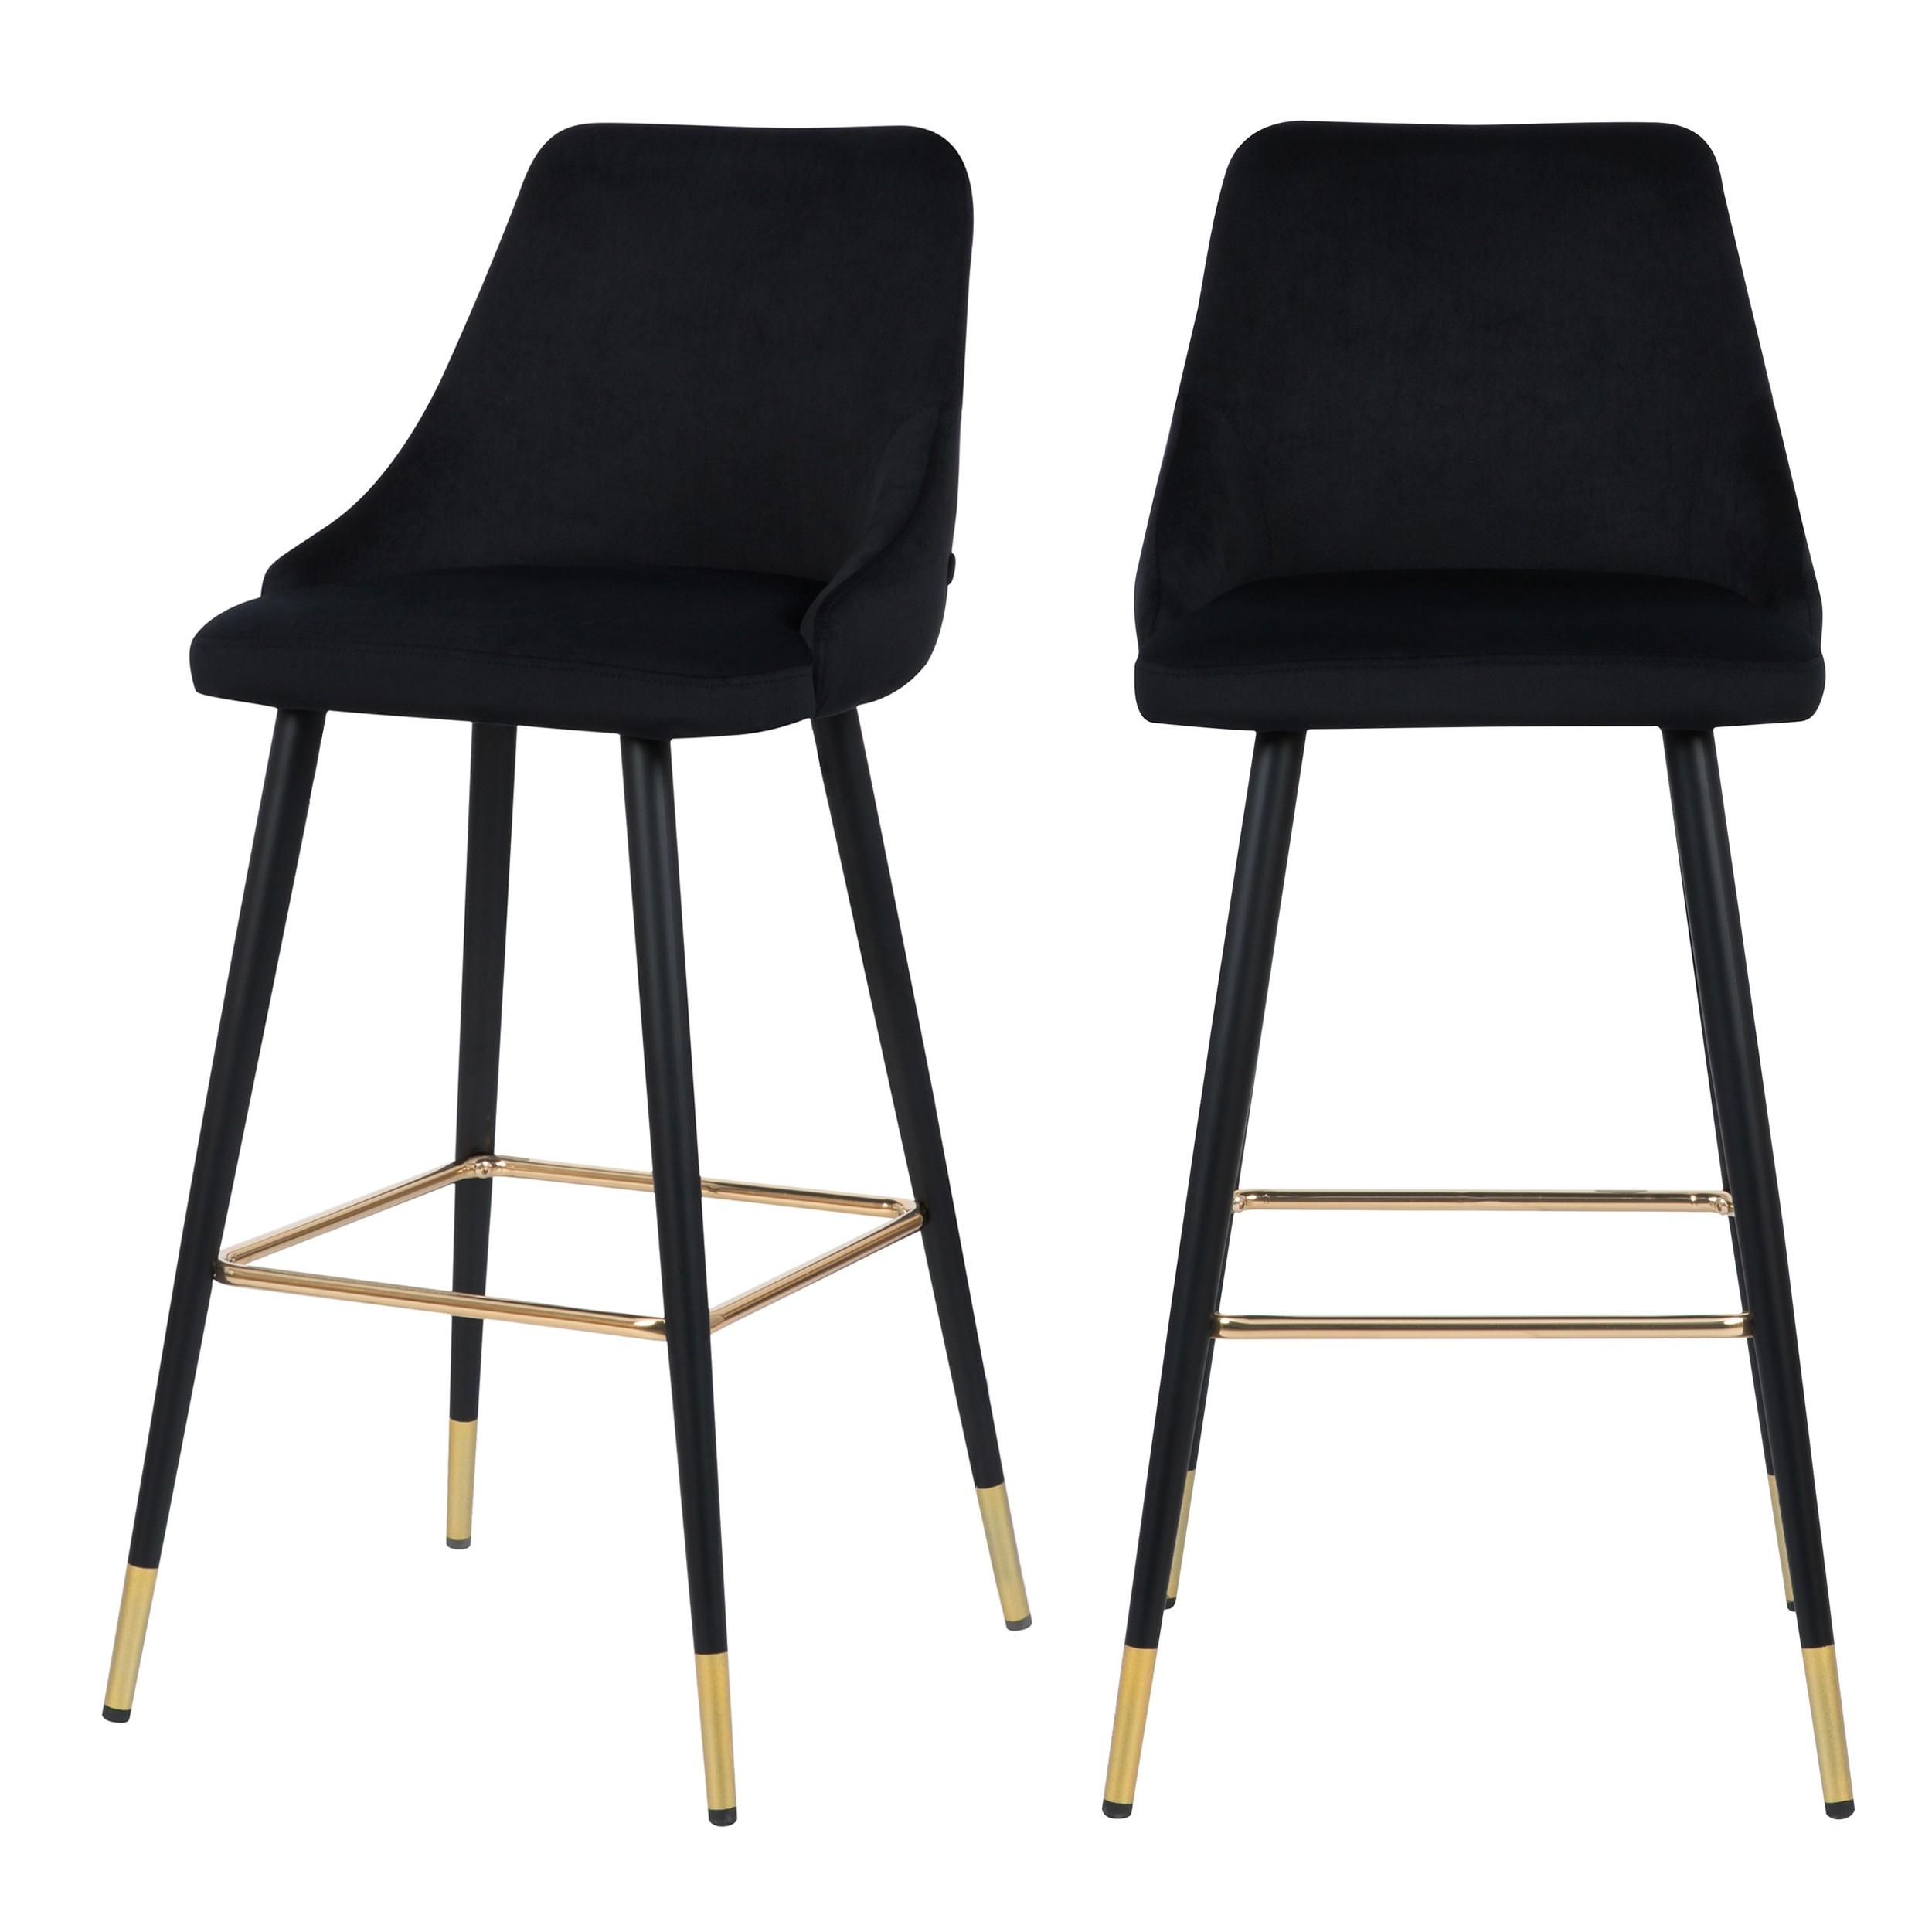 acheter chaise de bar design velours